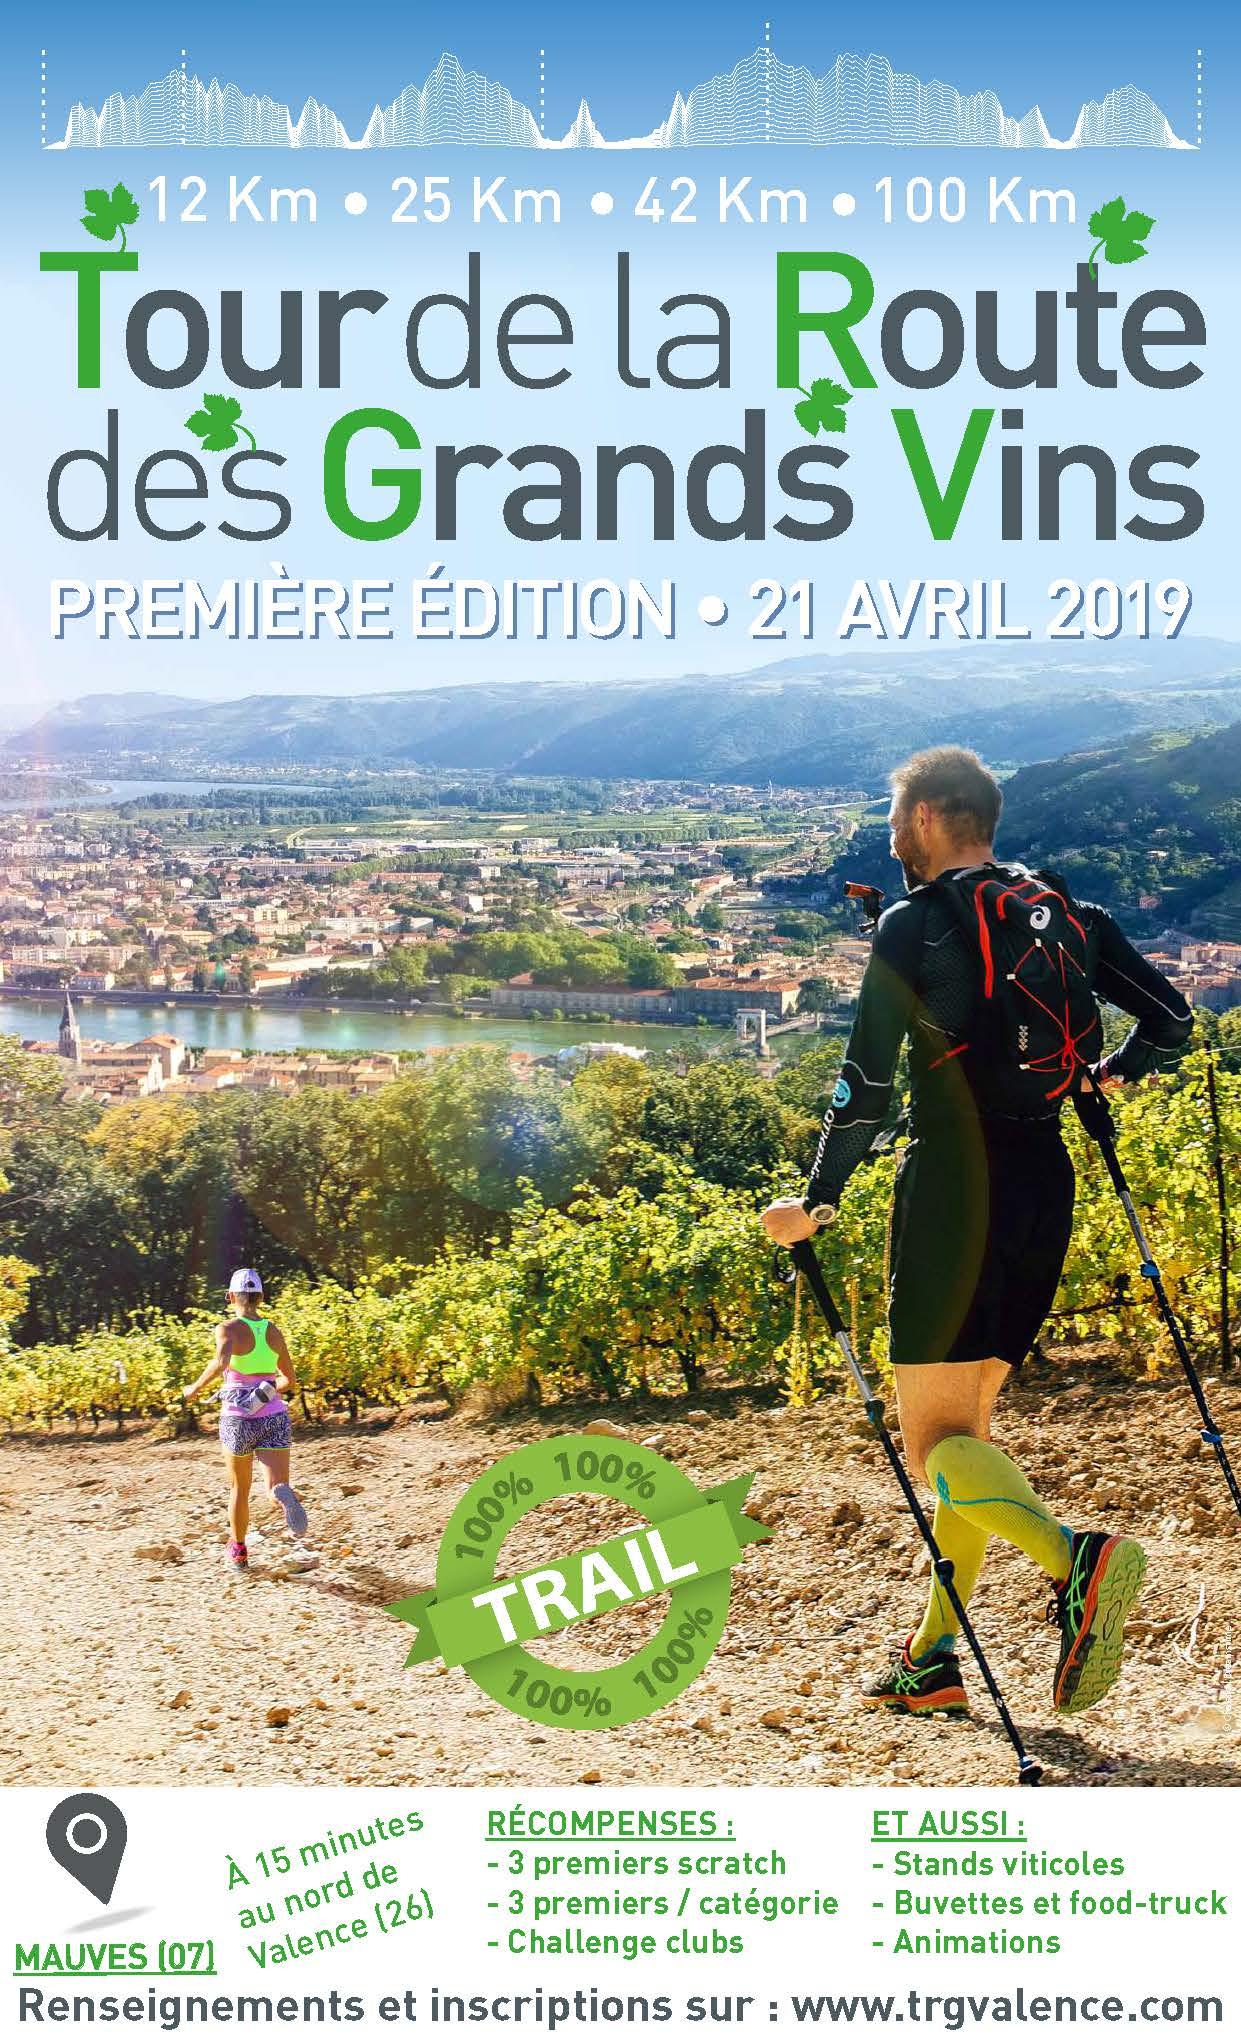 Affiche-Tour-Route-des-Grands-Vins-TRGV-2019